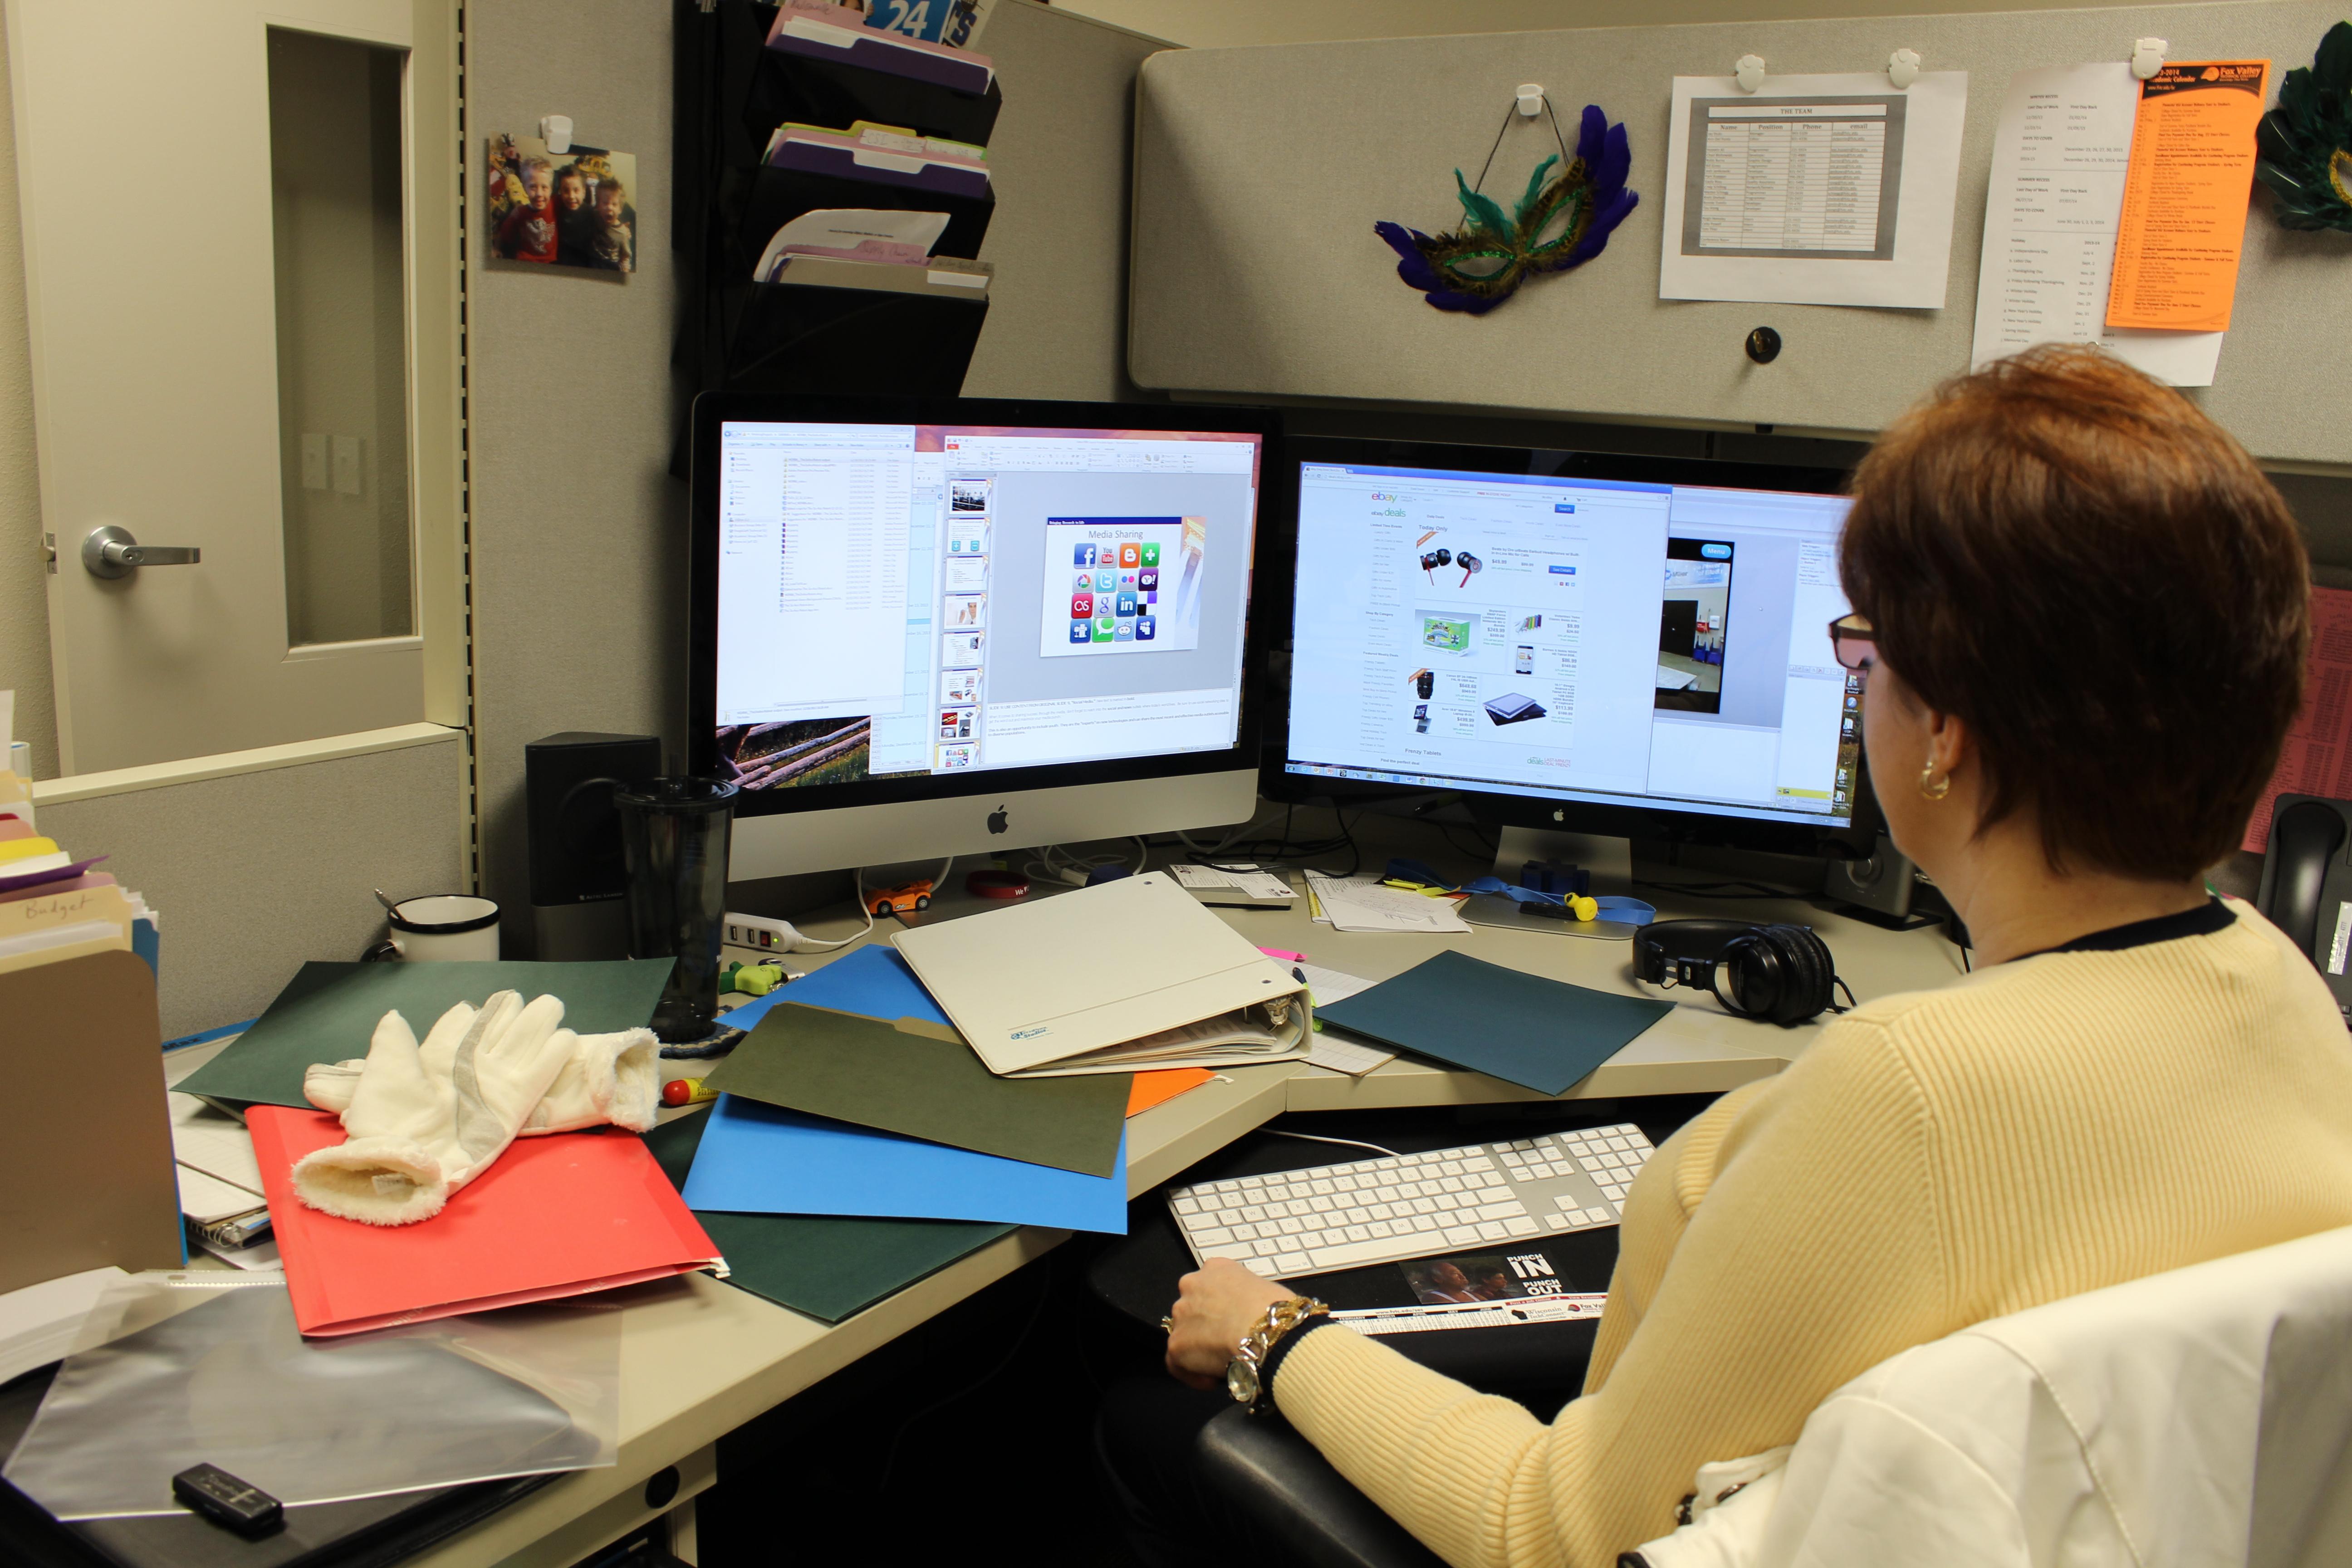 cubicle office worker Unorganized desk - Wisc-Online OER